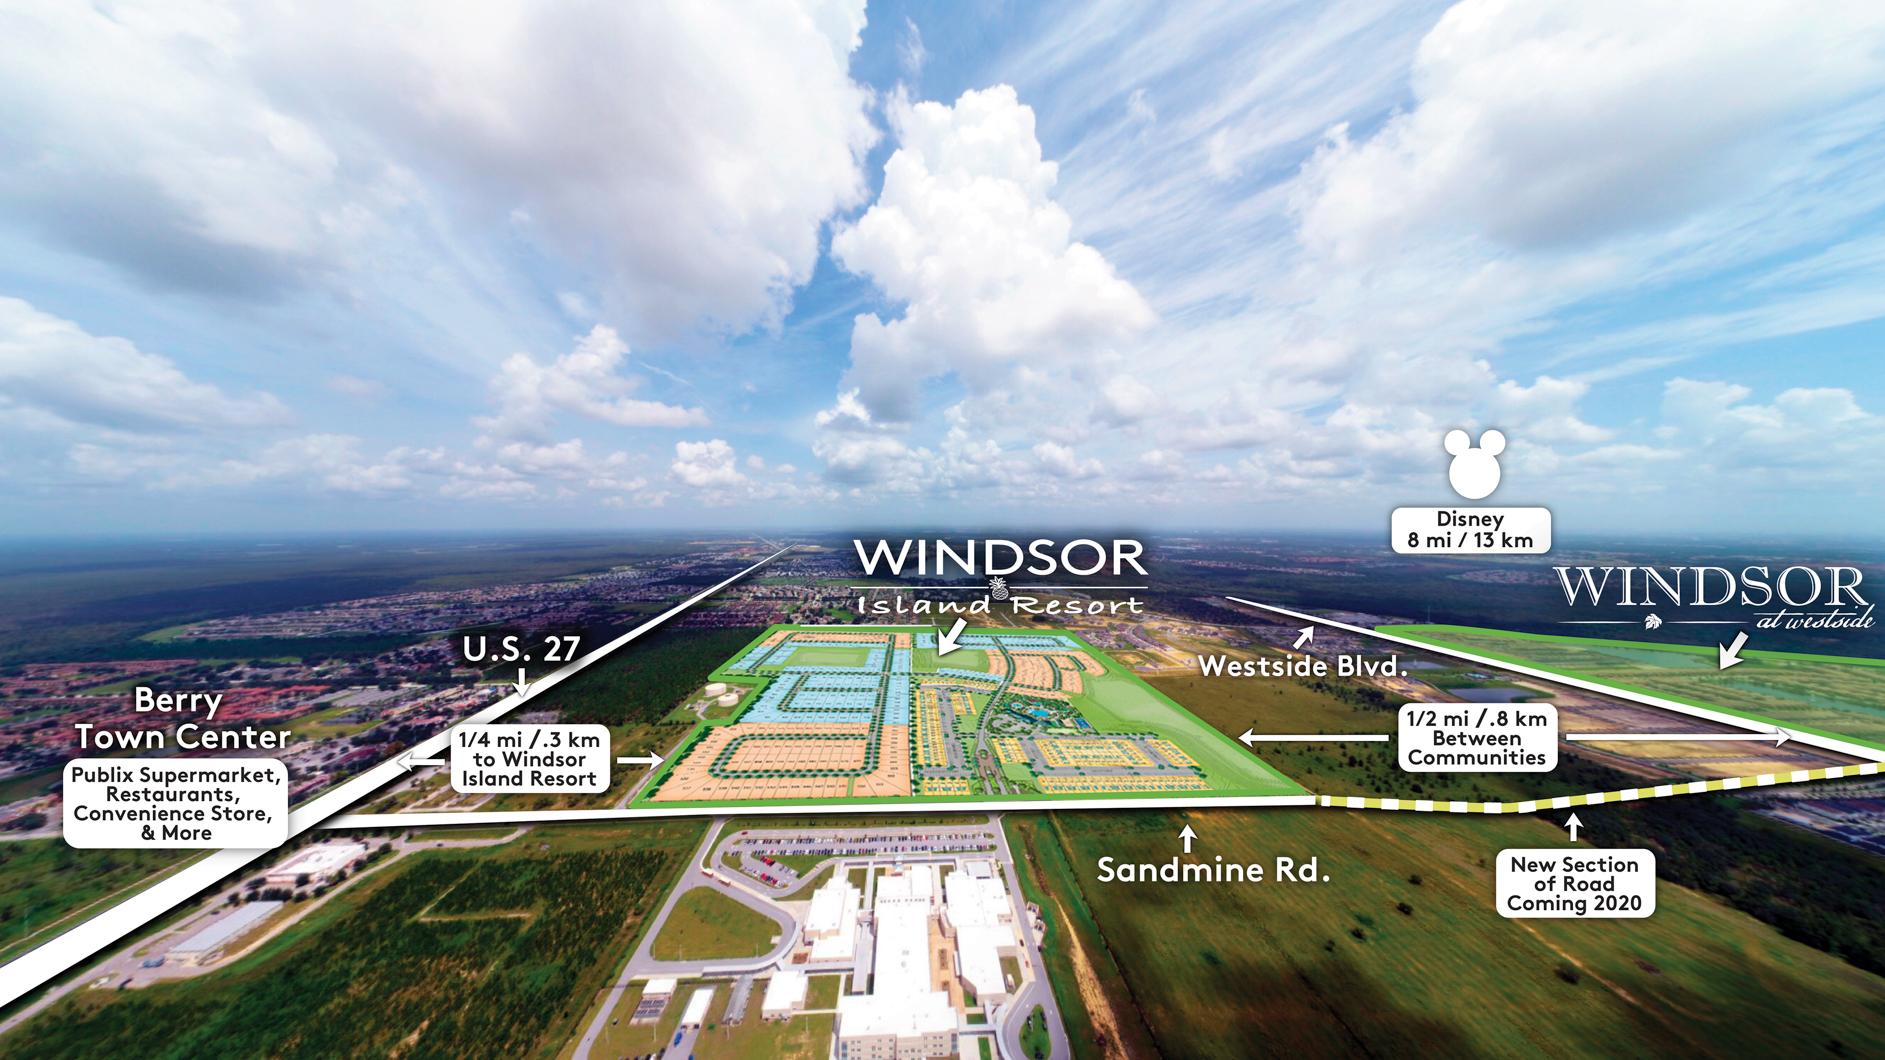 Windsor Island Resort - Davenport (Orlando), Florida